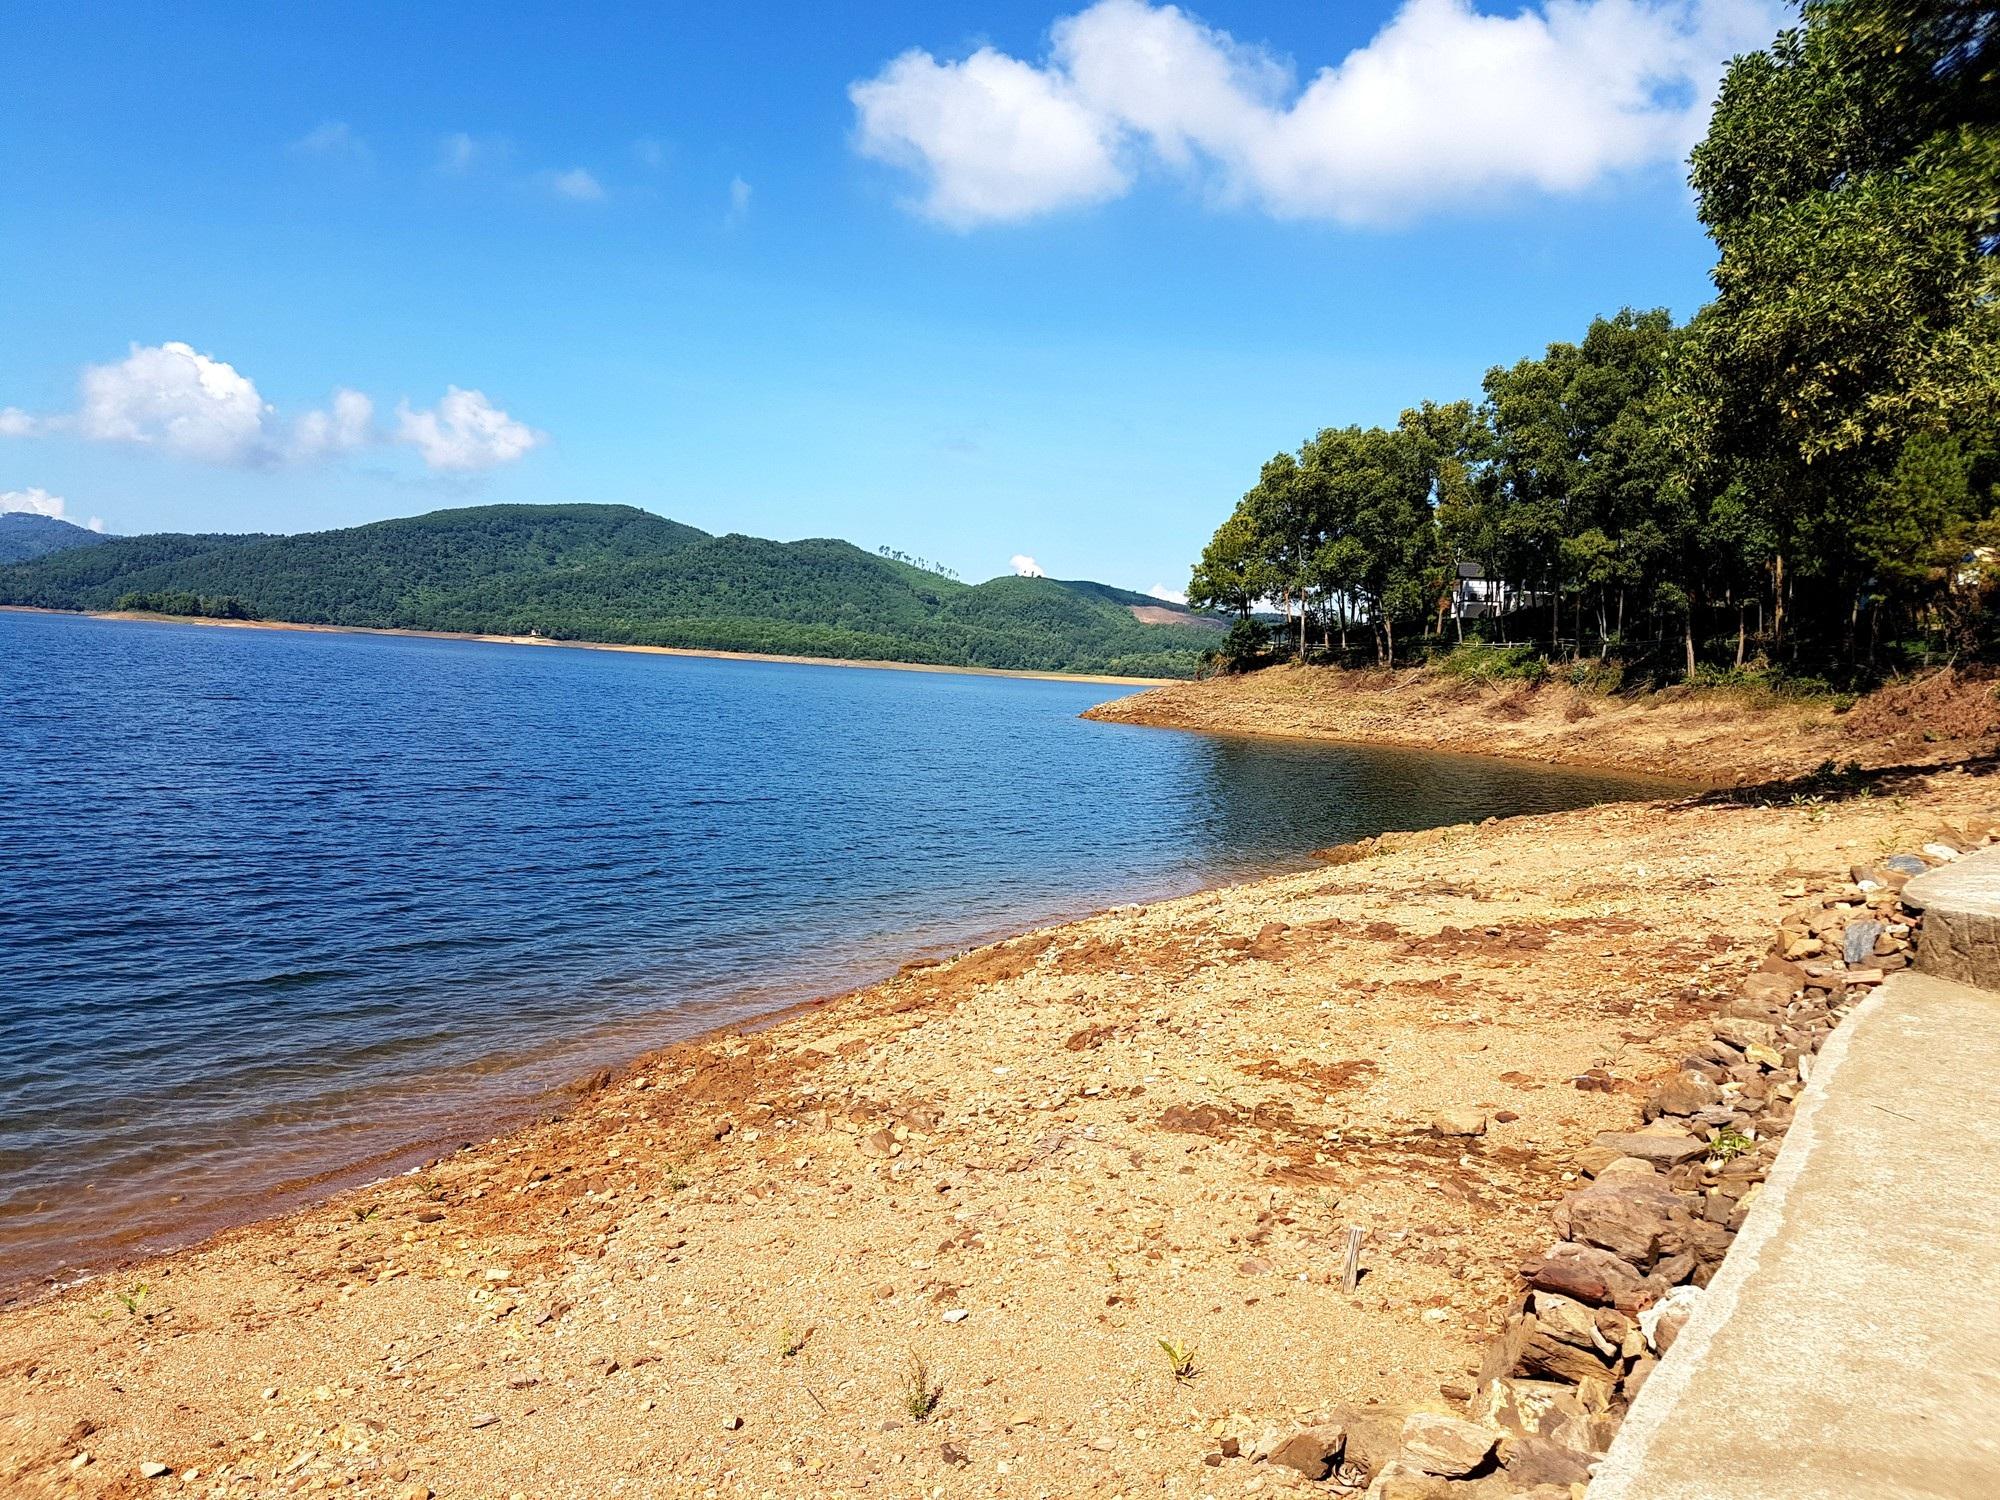 Hồ thủy lợi Phú Ninh khô cạn giữa mùa mưa - Ảnh 1.